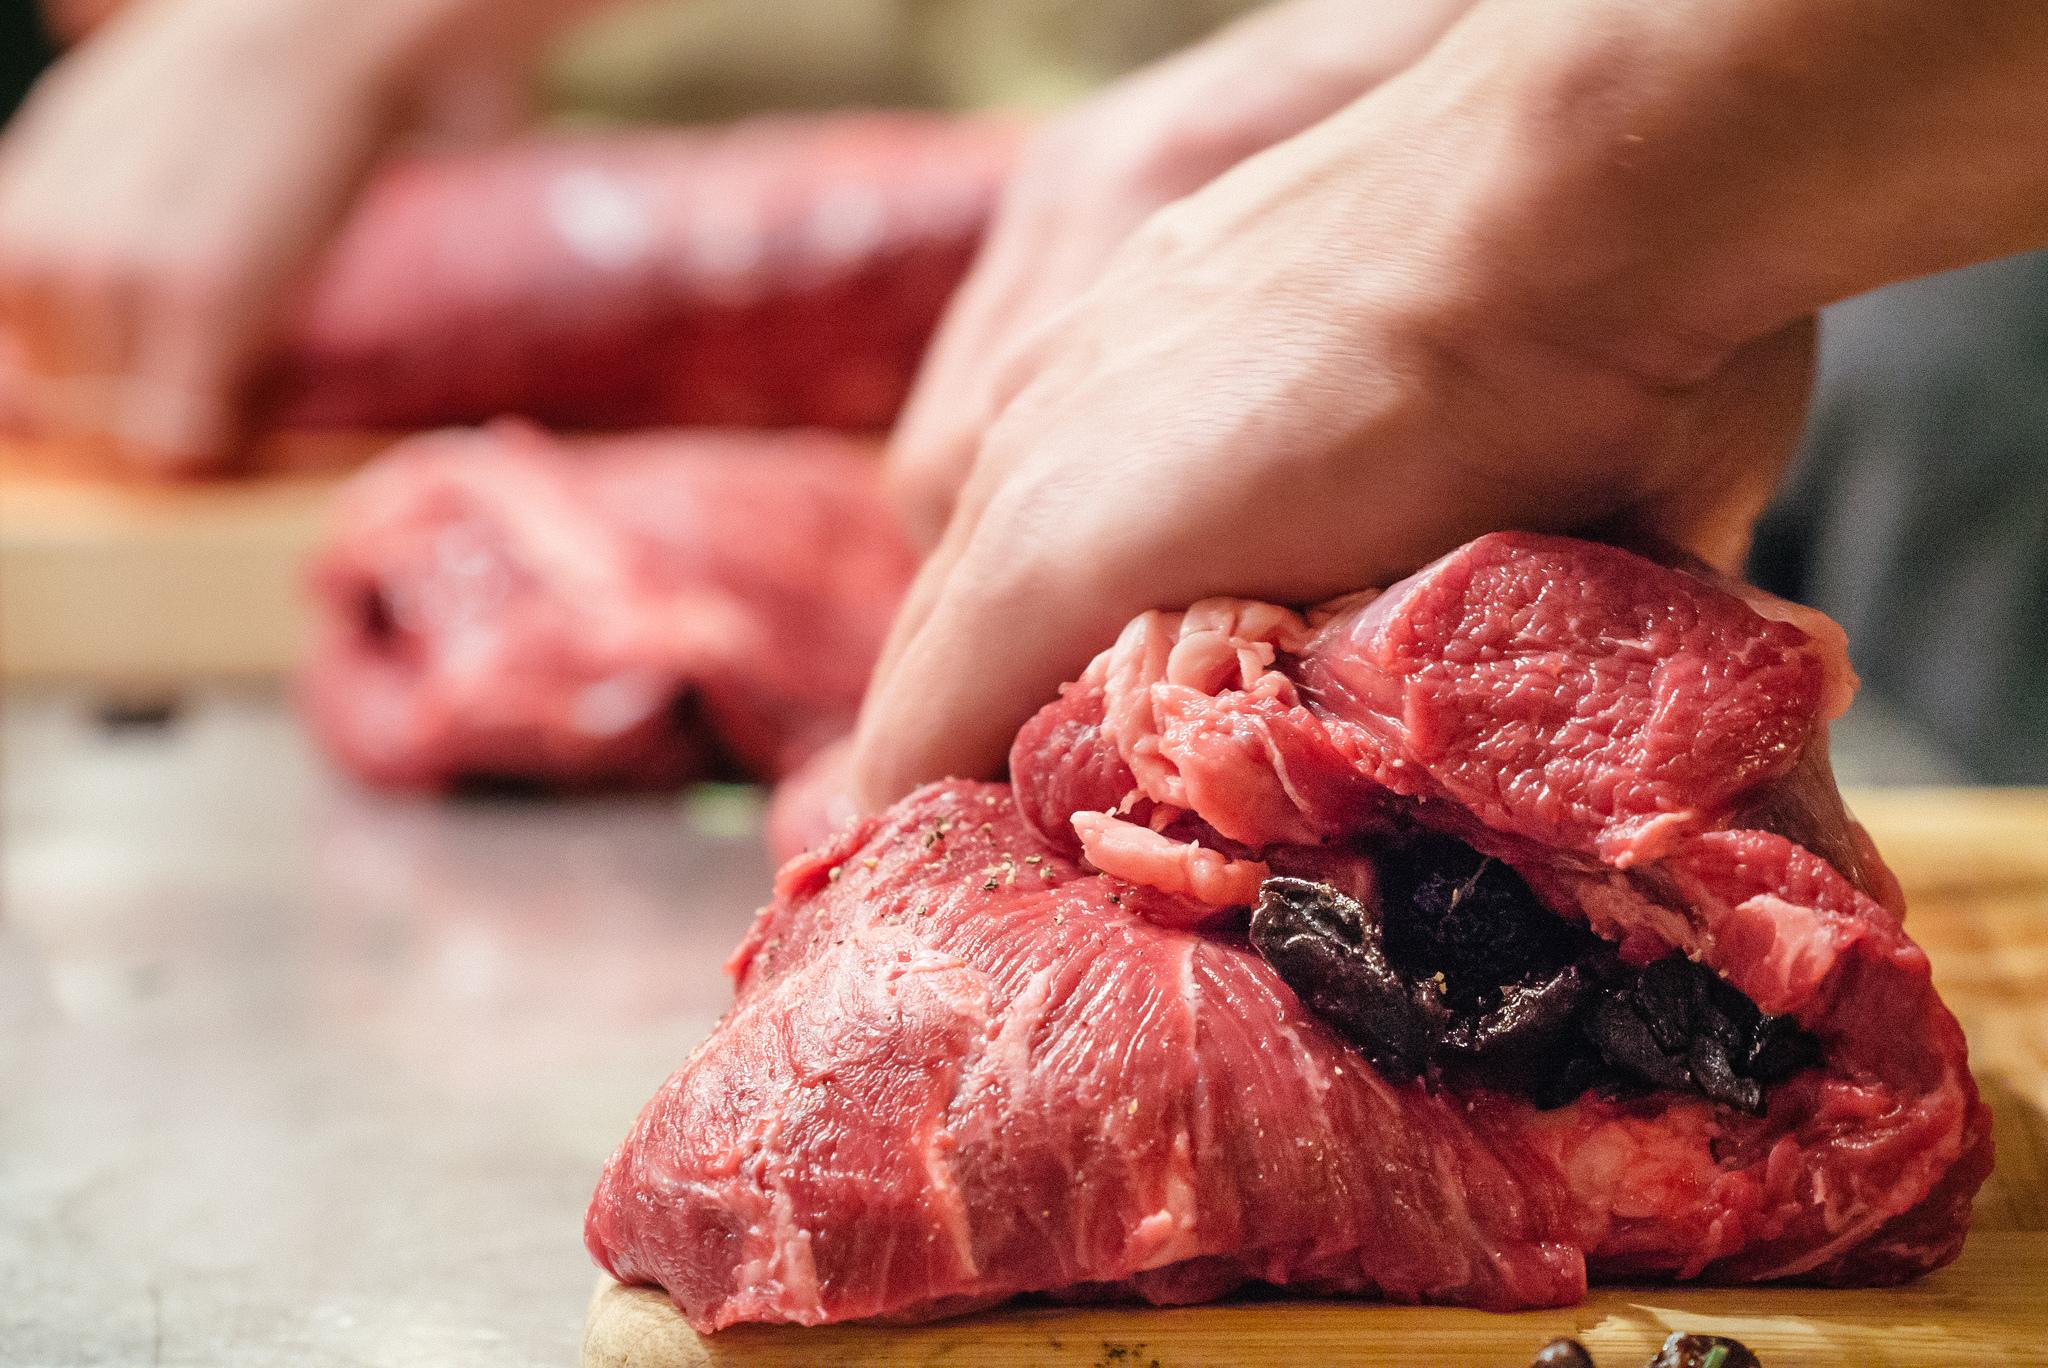 Der Fleischkonsum der Deutschen ist laut dem Ernährungsreport von Landwirtschaftsminister Schmidt noch immer hoch.